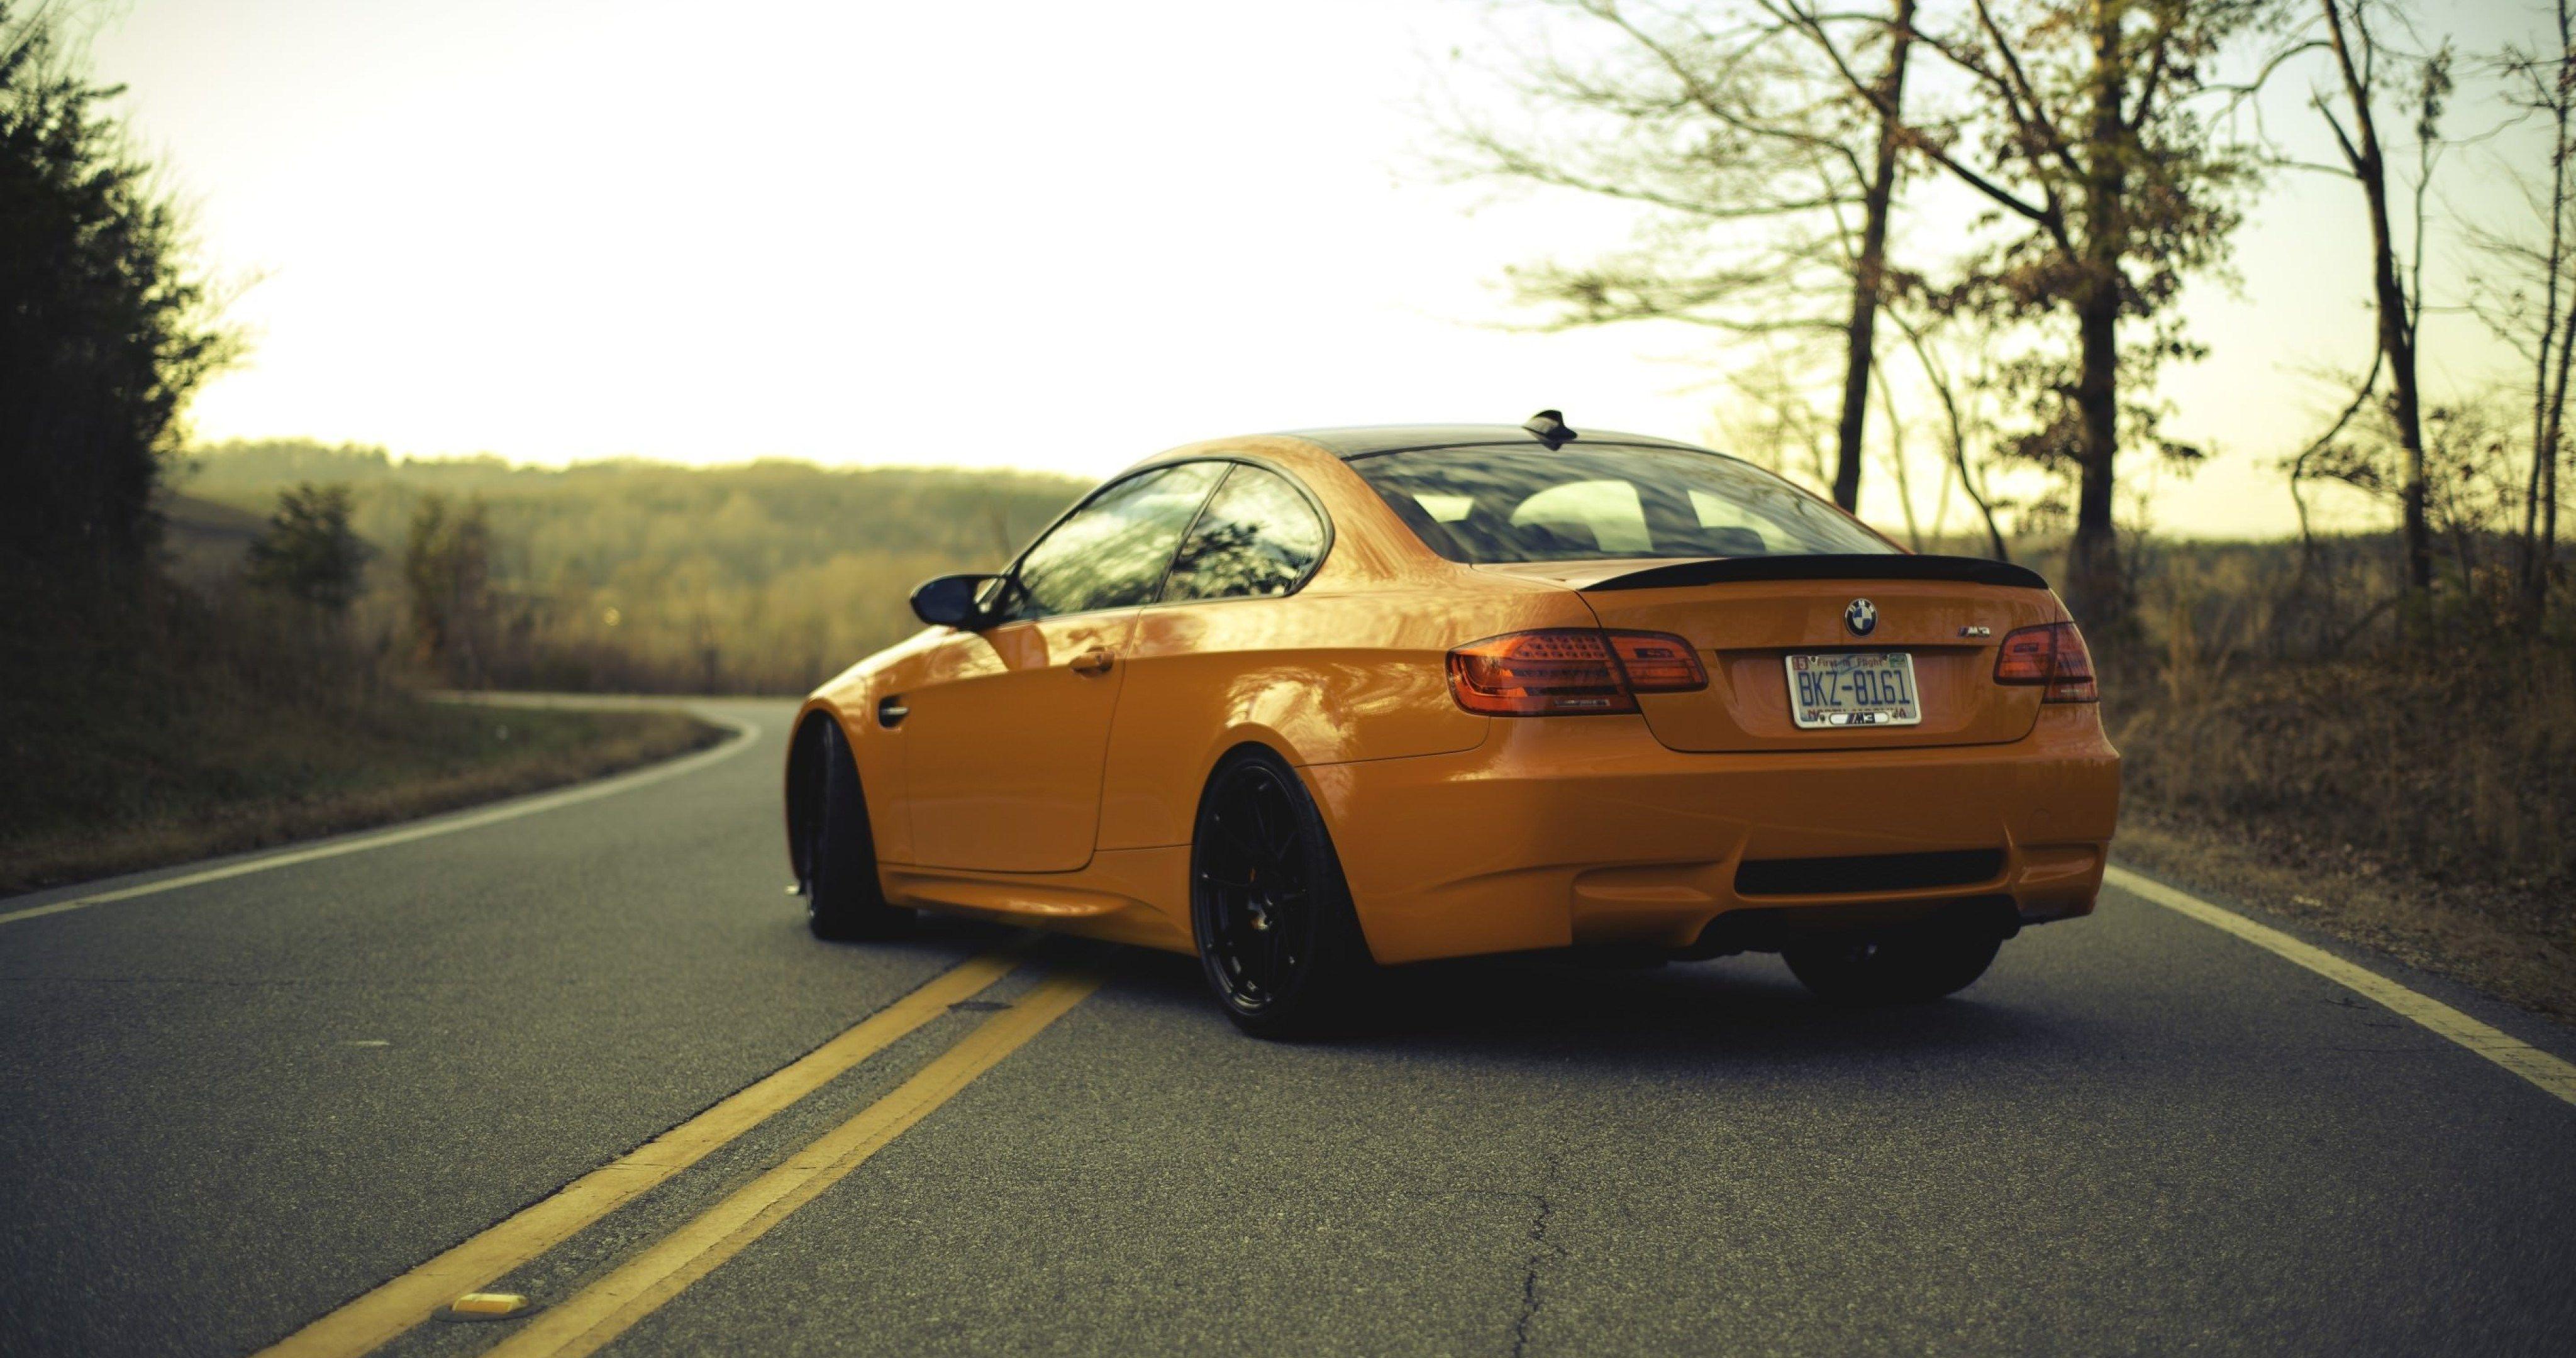 Bmw M3 E92 Orange 43 4k Ultra Hd Wallpaper